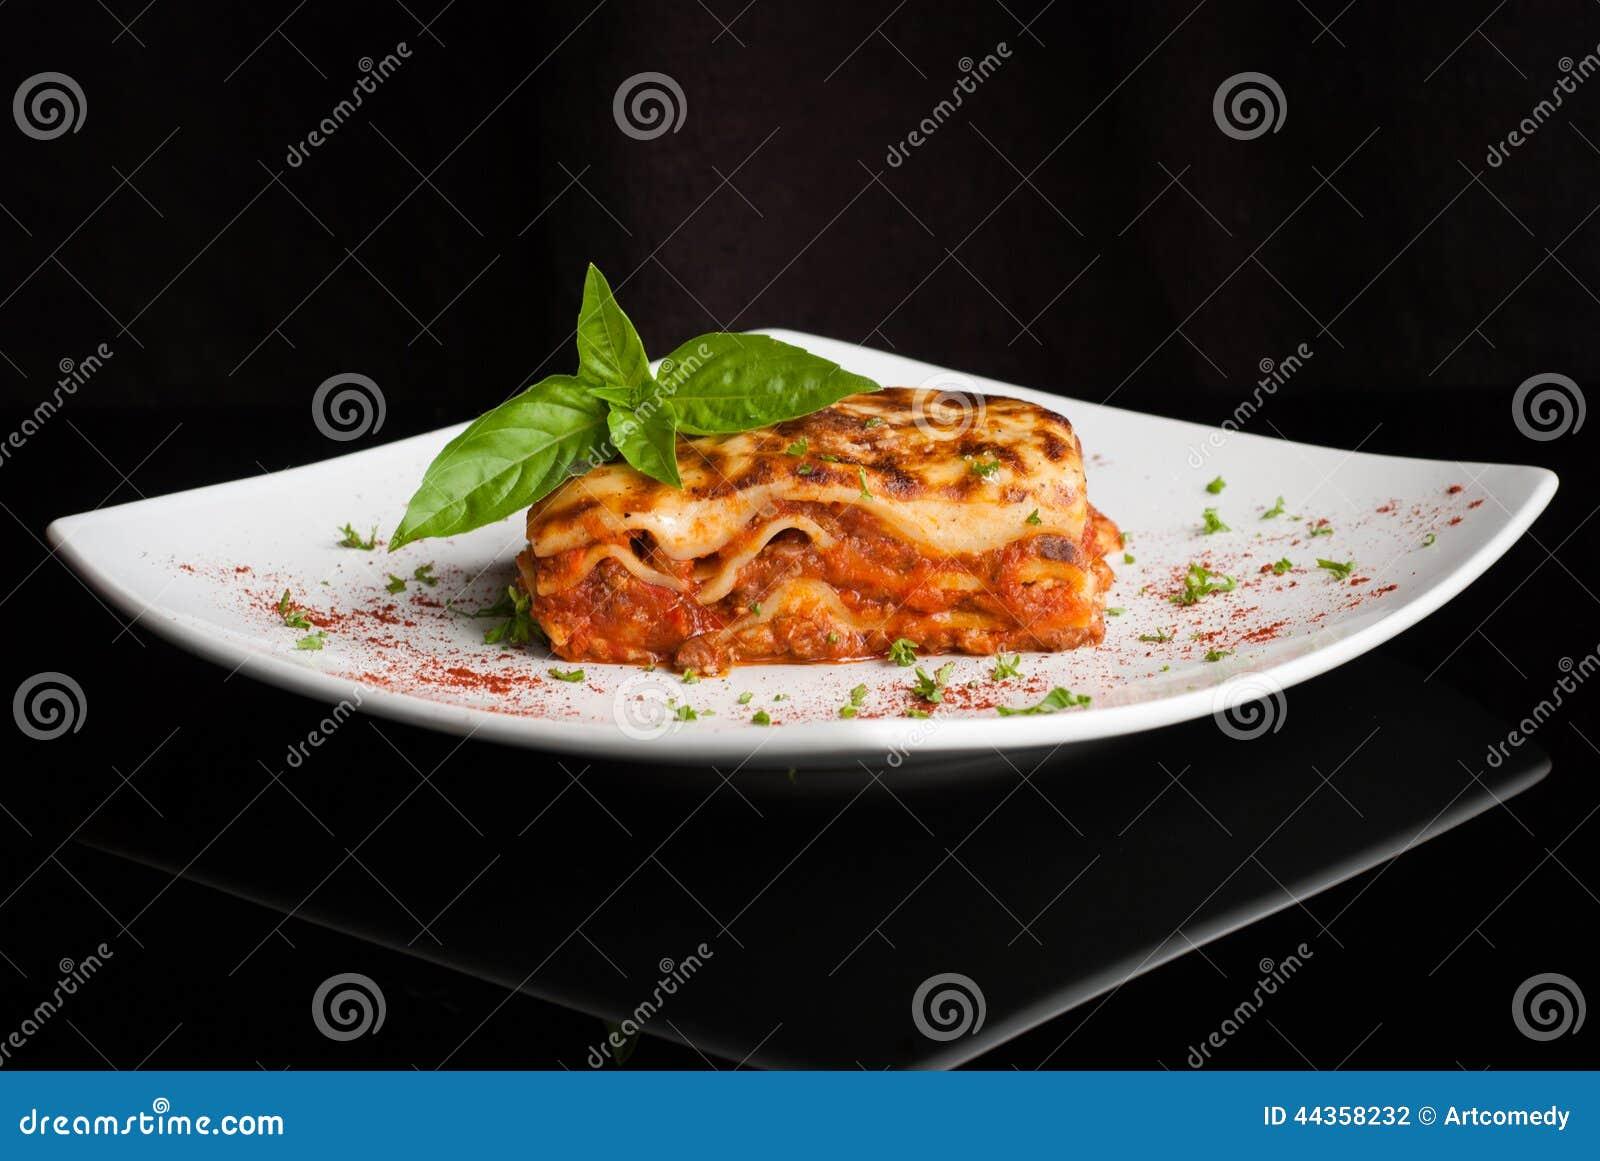 Lasagne al forno su un piatto bianco quadrato